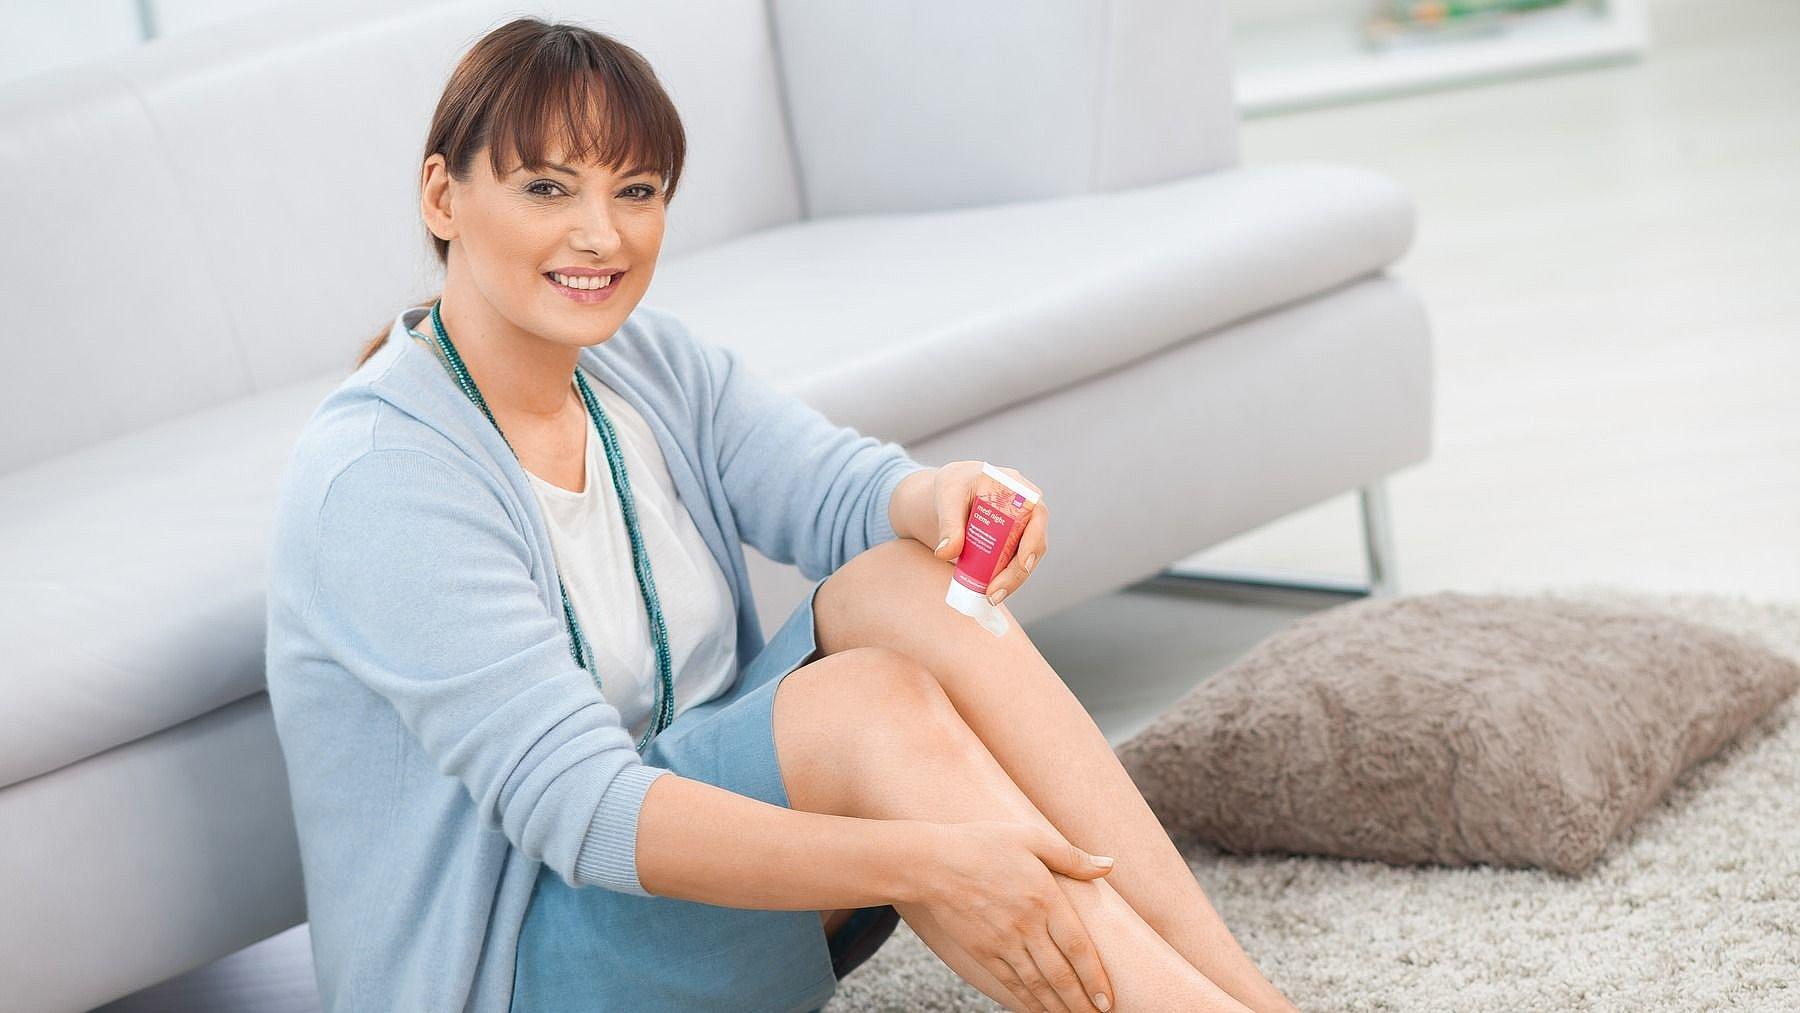 medi Hautpflegeprodukte für schöne Haut